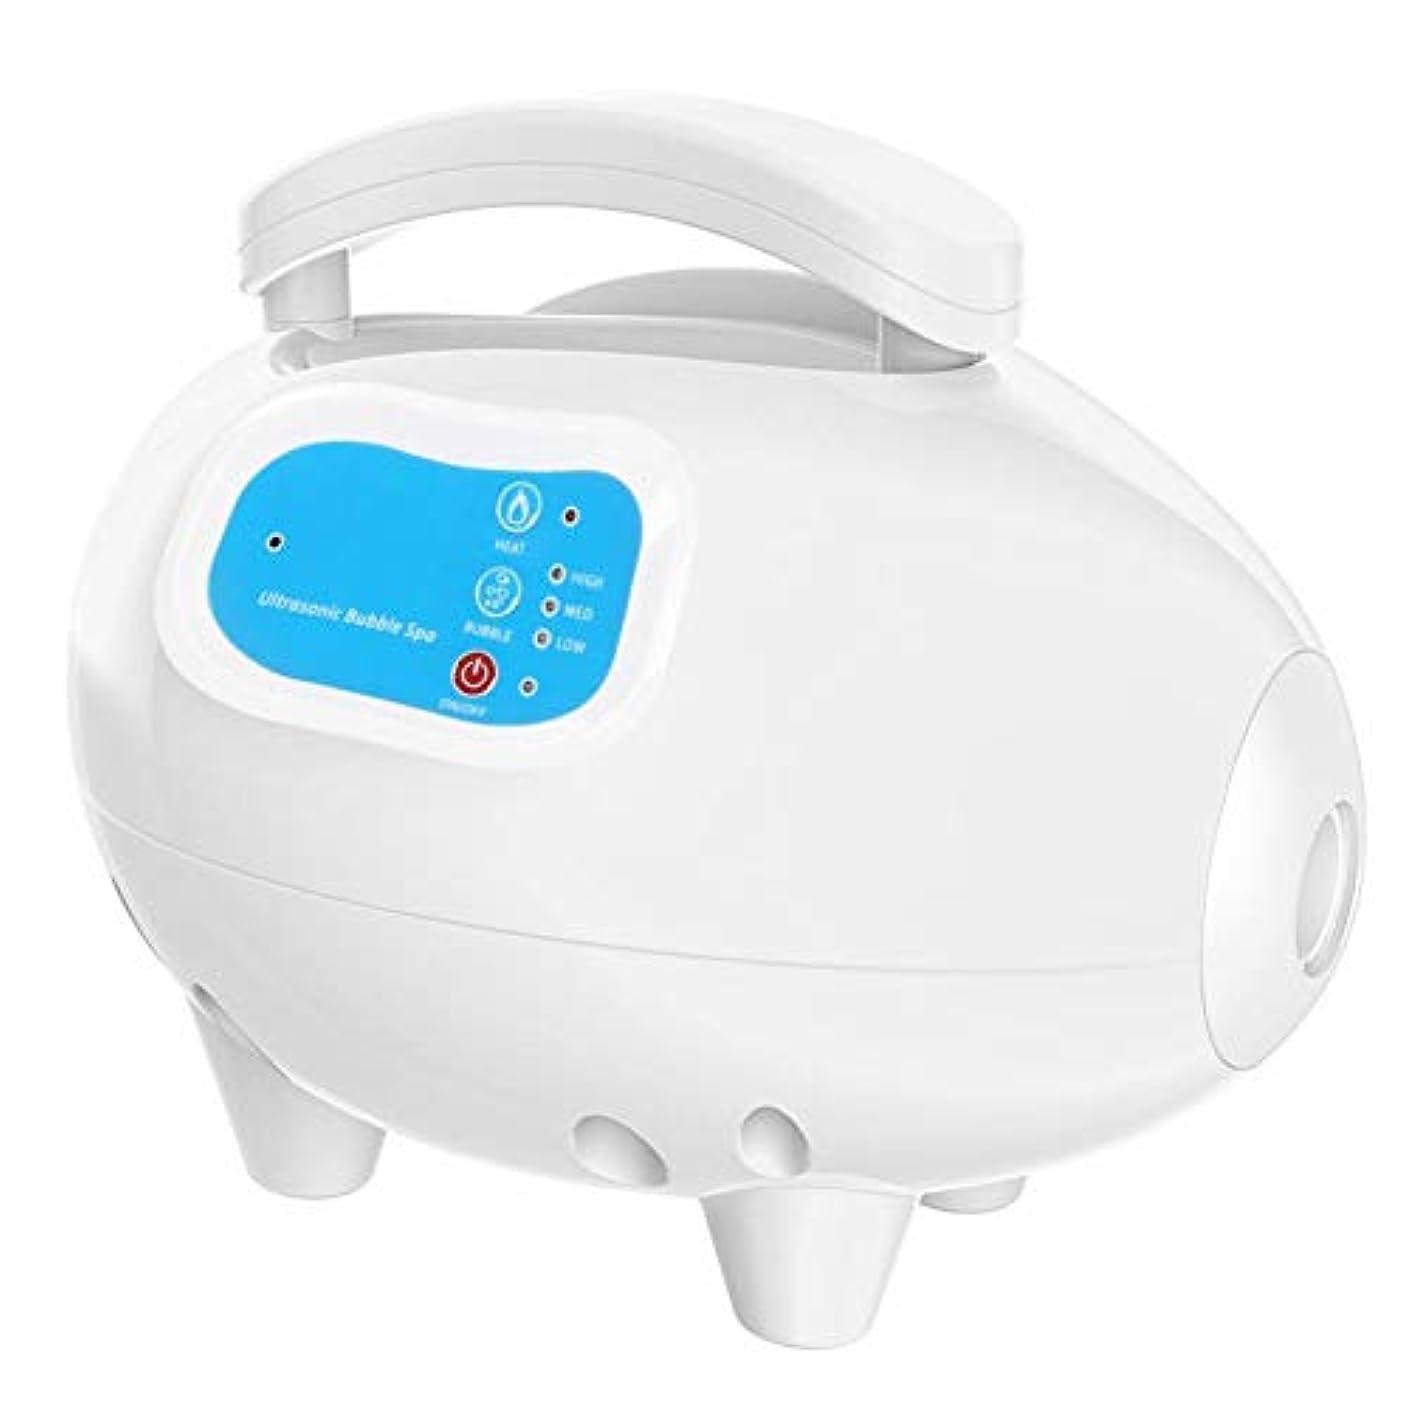 スキーさせる複製するスパ泡風呂浴槽機防水エアー泡風呂浴槽殺菌ボディスパマッサージマット付きエアホース(110?220V)